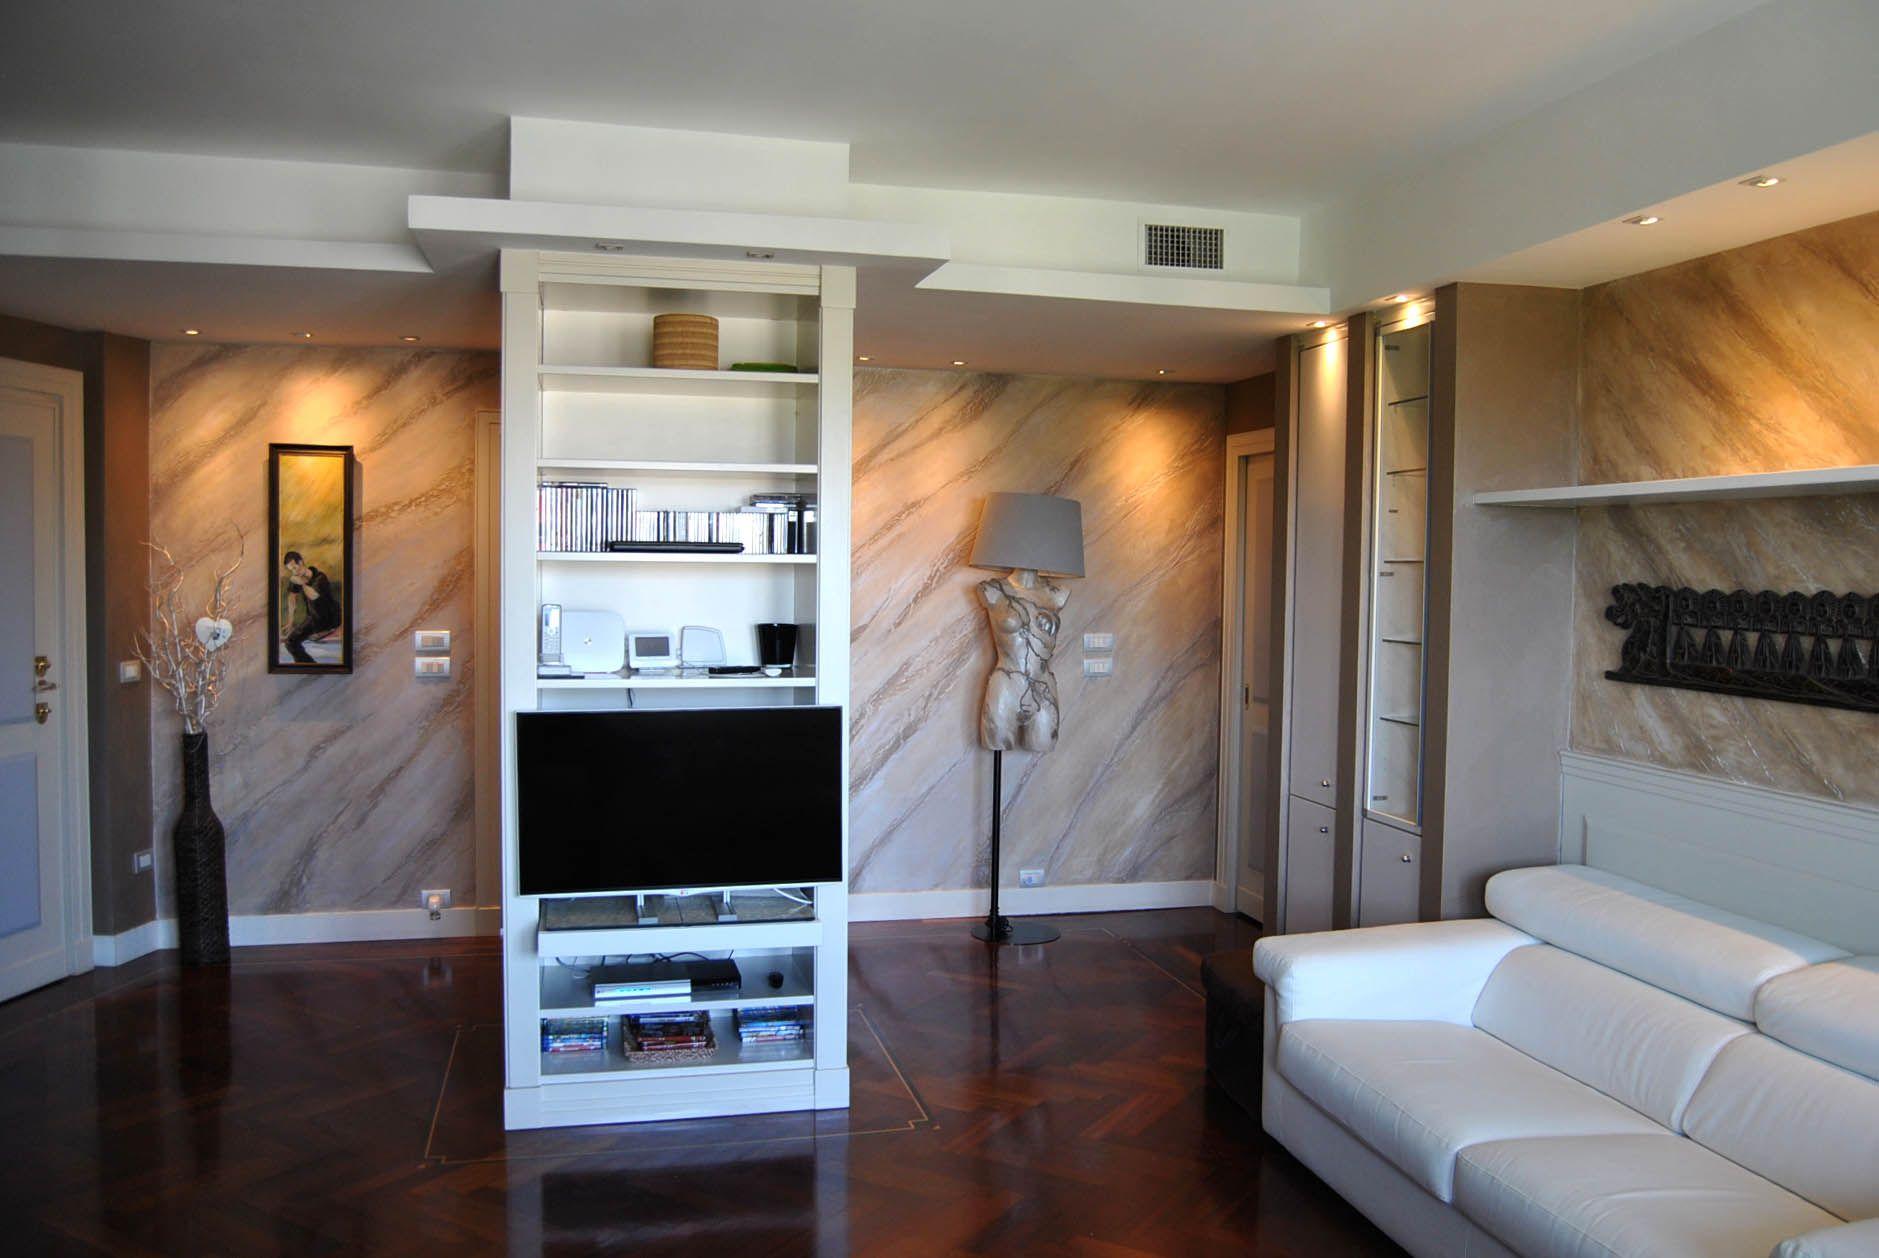 Decoratore di interni perfect idea arredamenti decorazione dinterni lugano with decoratore di - Decoratore d interni ...